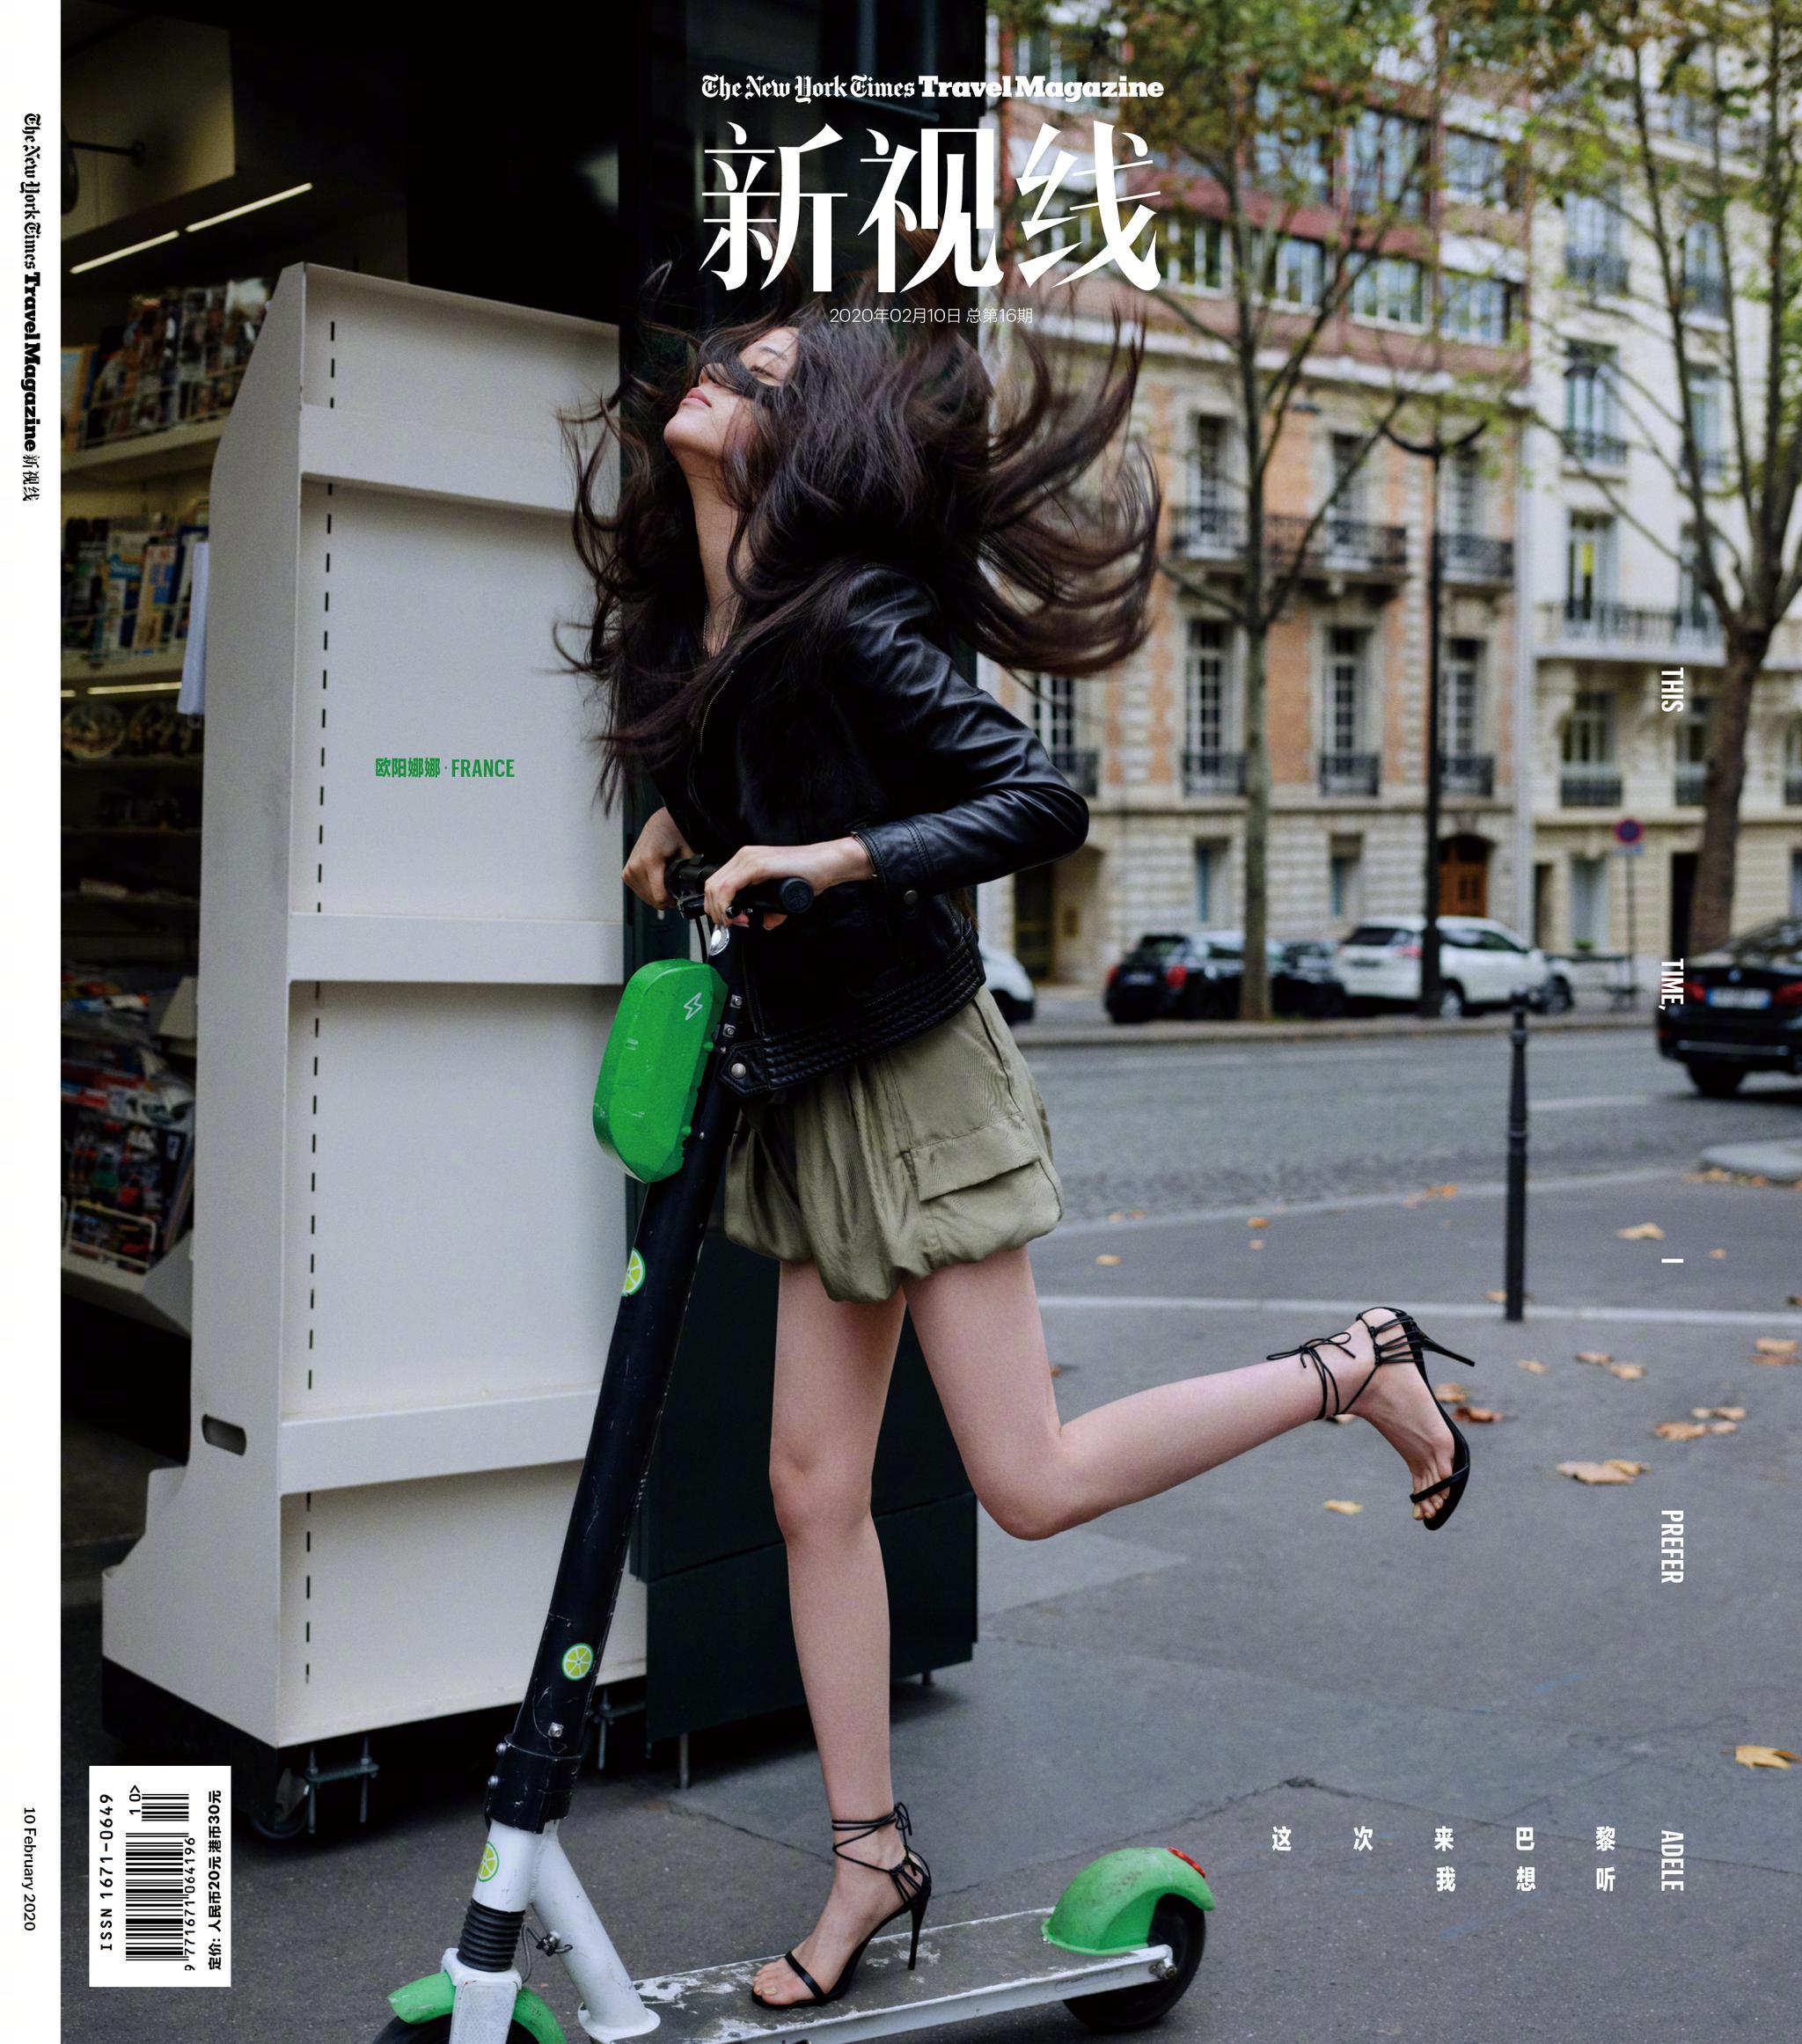 巴黎街头,黑色皮衣,滑板车